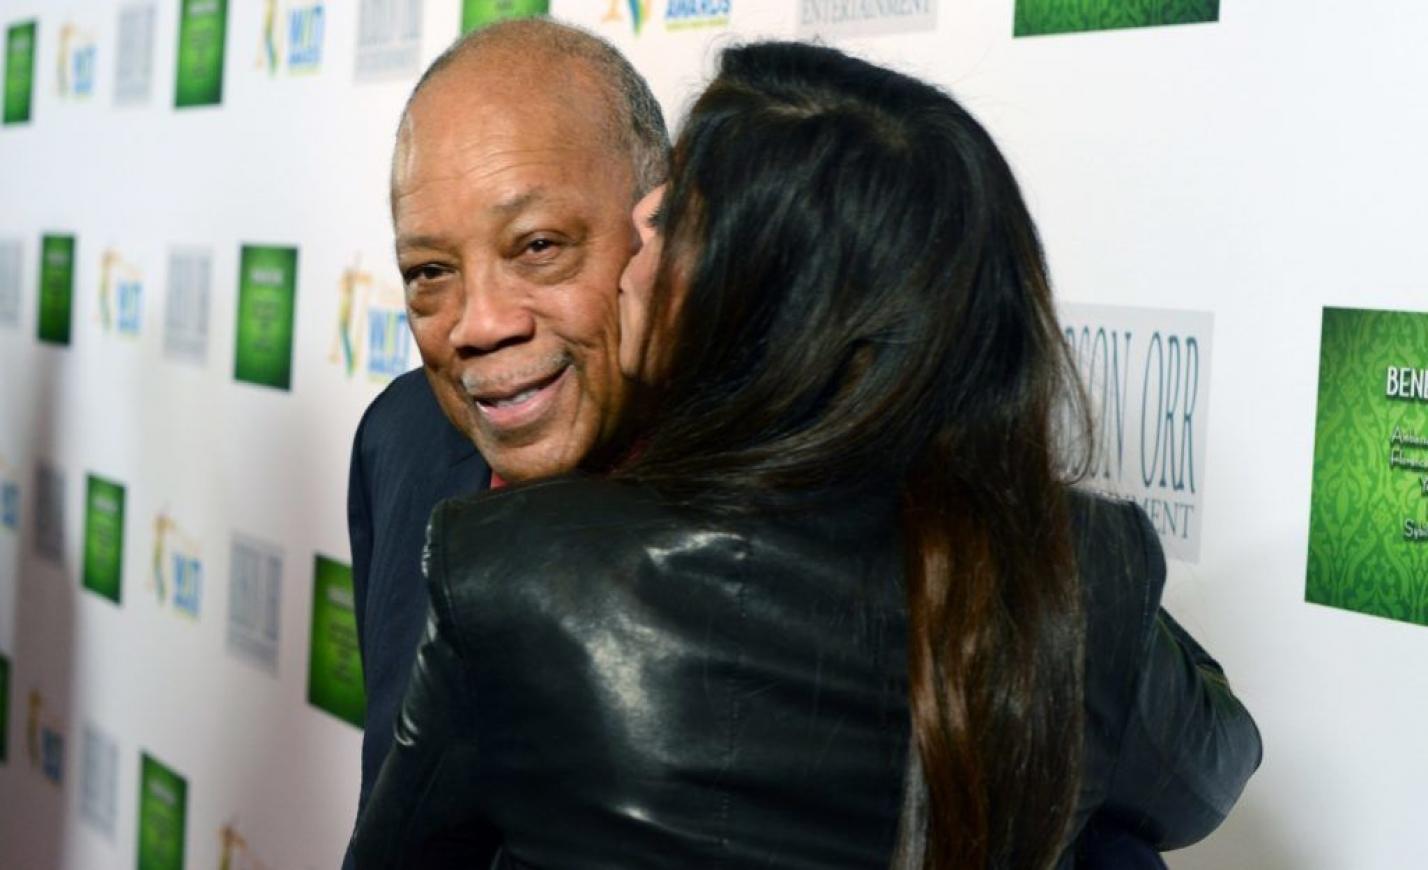 Quincy Jones megbolondult vagy reklám az egész?